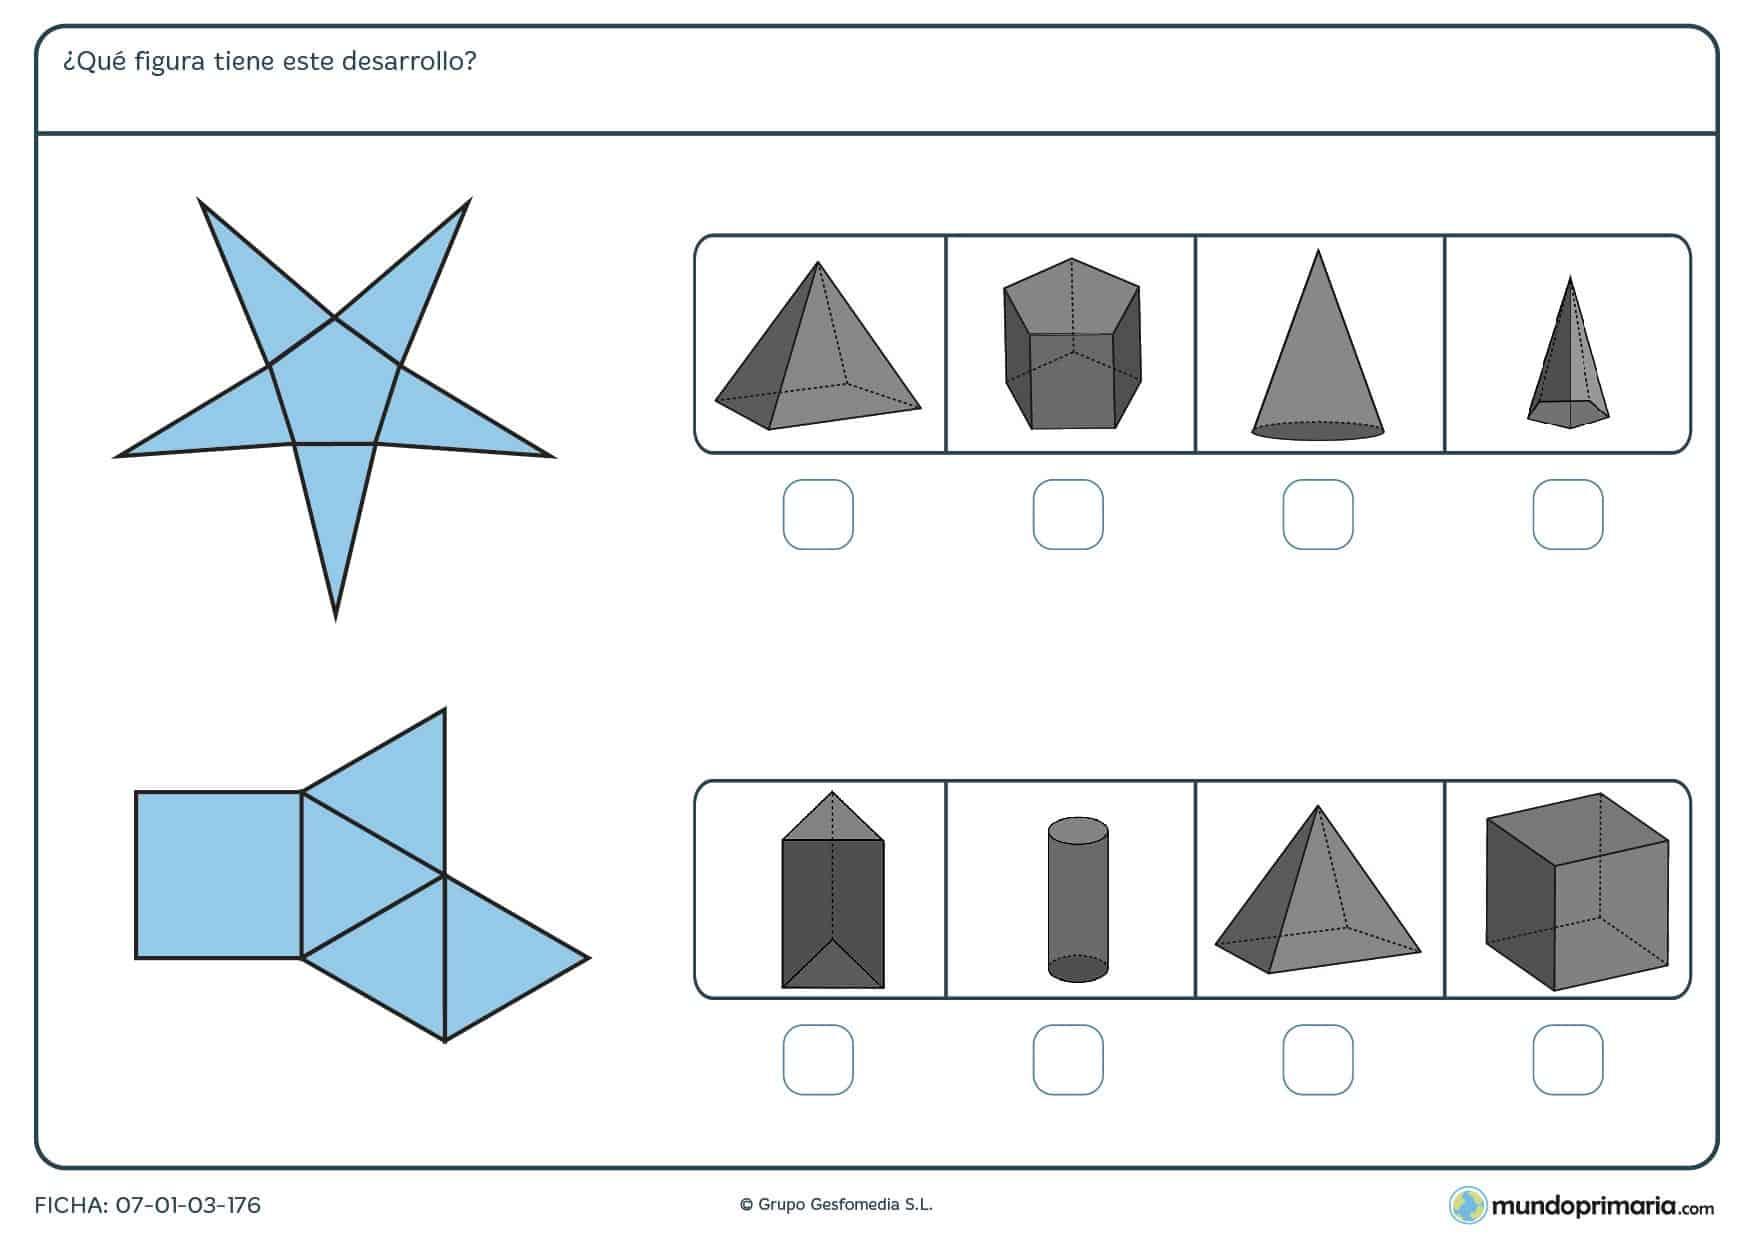 ¿Qué figuras tienen estos desarrollos? Observa atentamente y marca la respuesta correcta.